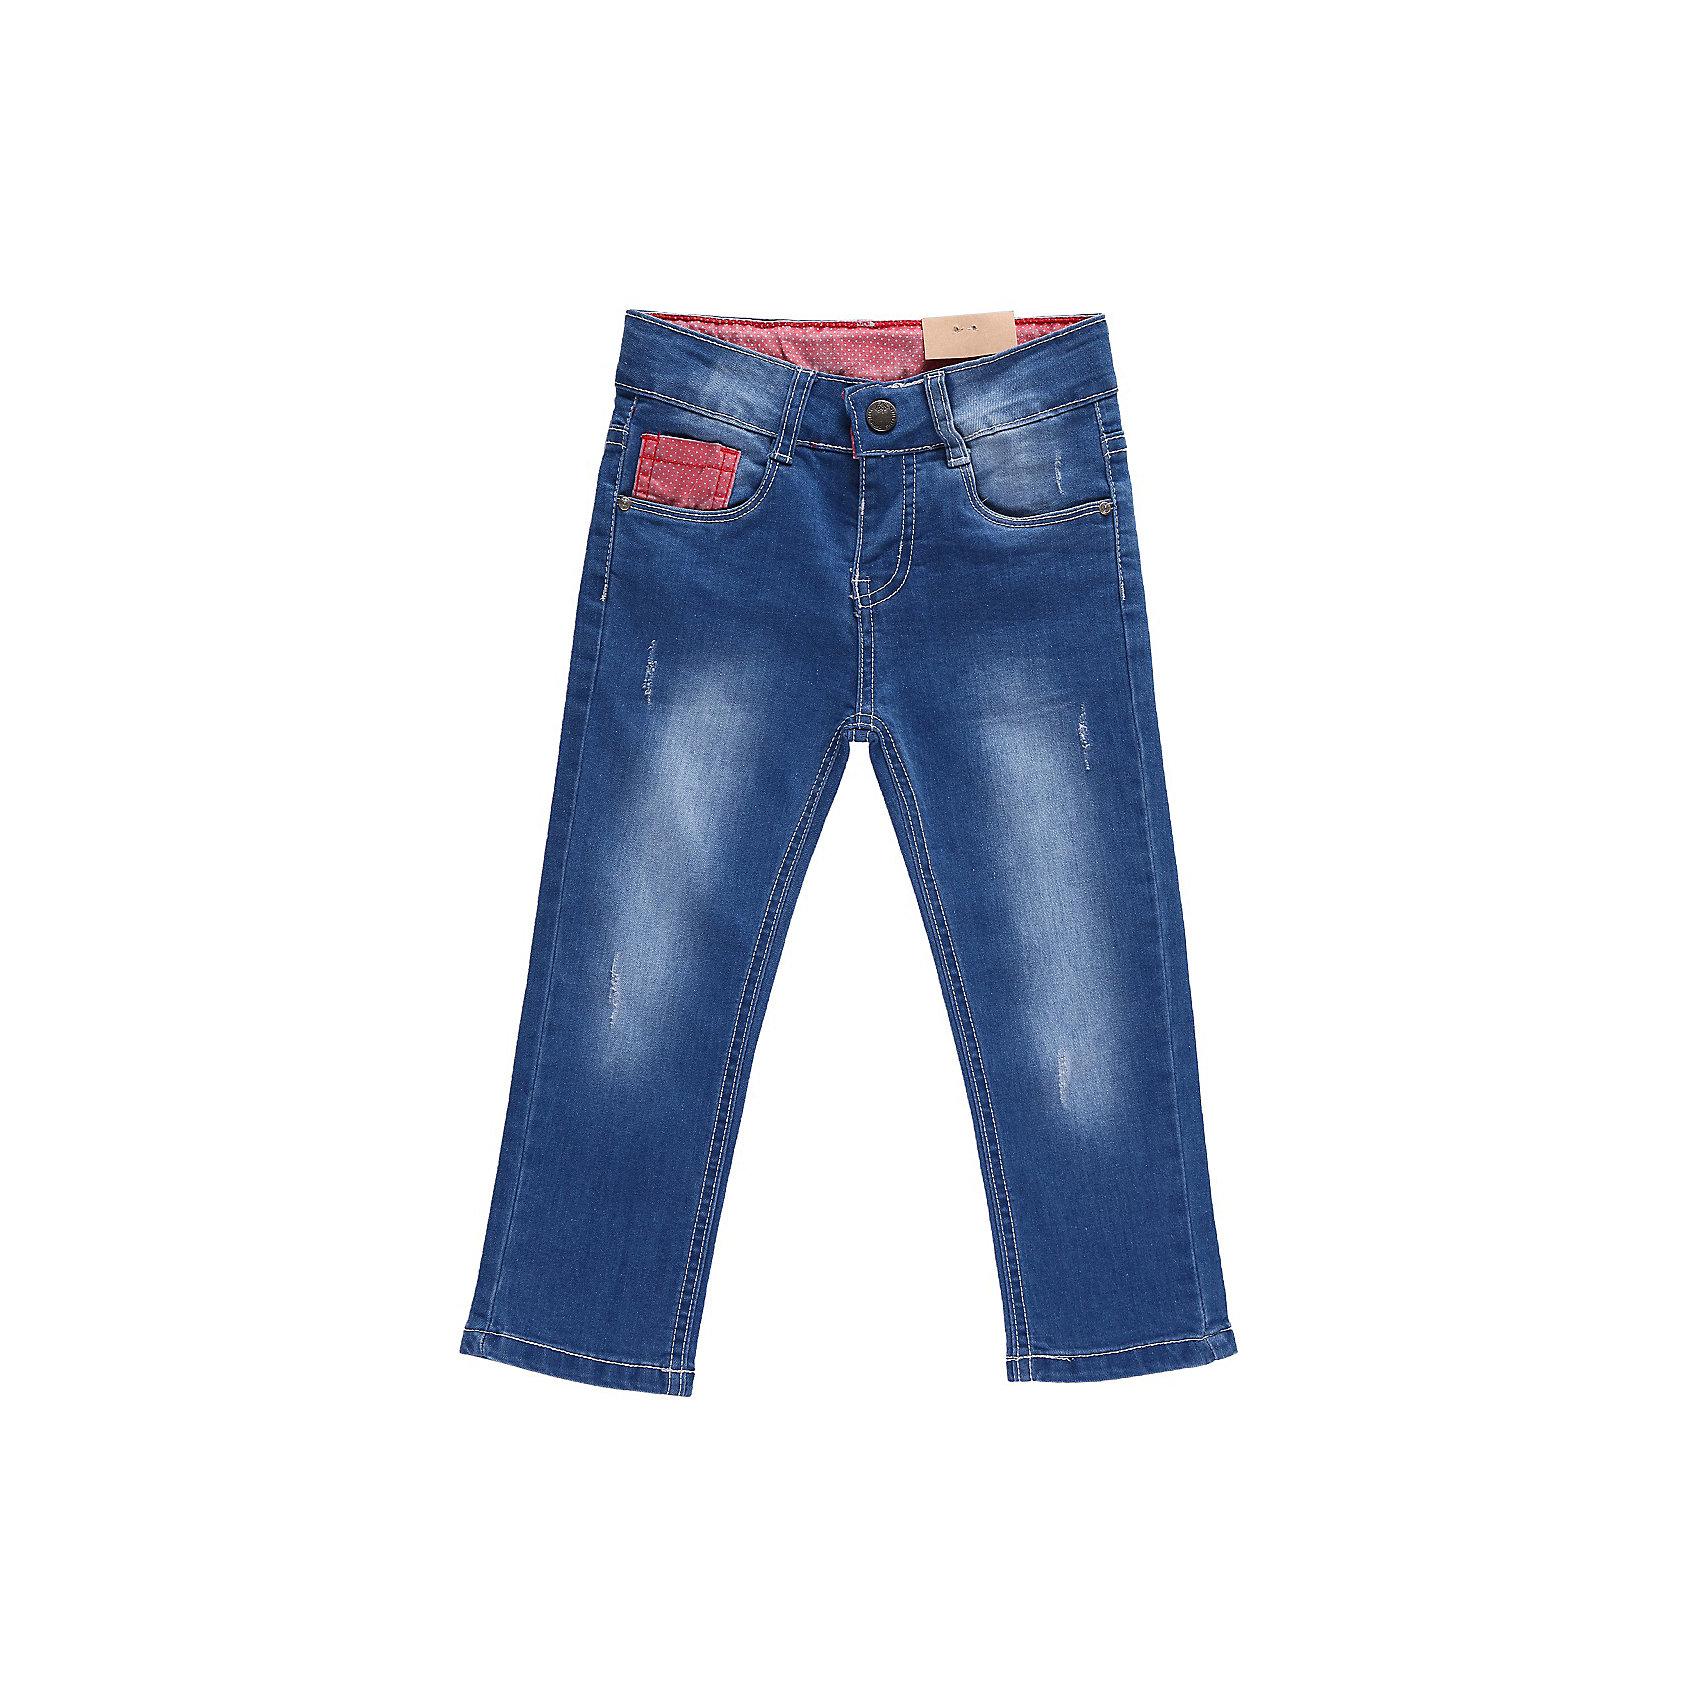 Джинсы для девочки Sweet BerryДжинсовая одежда<br>Джинсы с контрастной отделкой и регулировкой внутри на поясе. Застежка - крючок, очень удобна для маленьких.<br>Состав:<br>98% хлопок, 2% эластан<br><br>Ширина мм: 215<br>Глубина мм: 88<br>Высота мм: 191<br>Вес г: 336<br>Цвет: голубой<br>Возраст от месяцев: 12<br>Возраст до месяцев: 18<br>Пол: Женский<br>Возраст: Детский<br>Размер: 86,92,98,80<br>SKU: 4520318